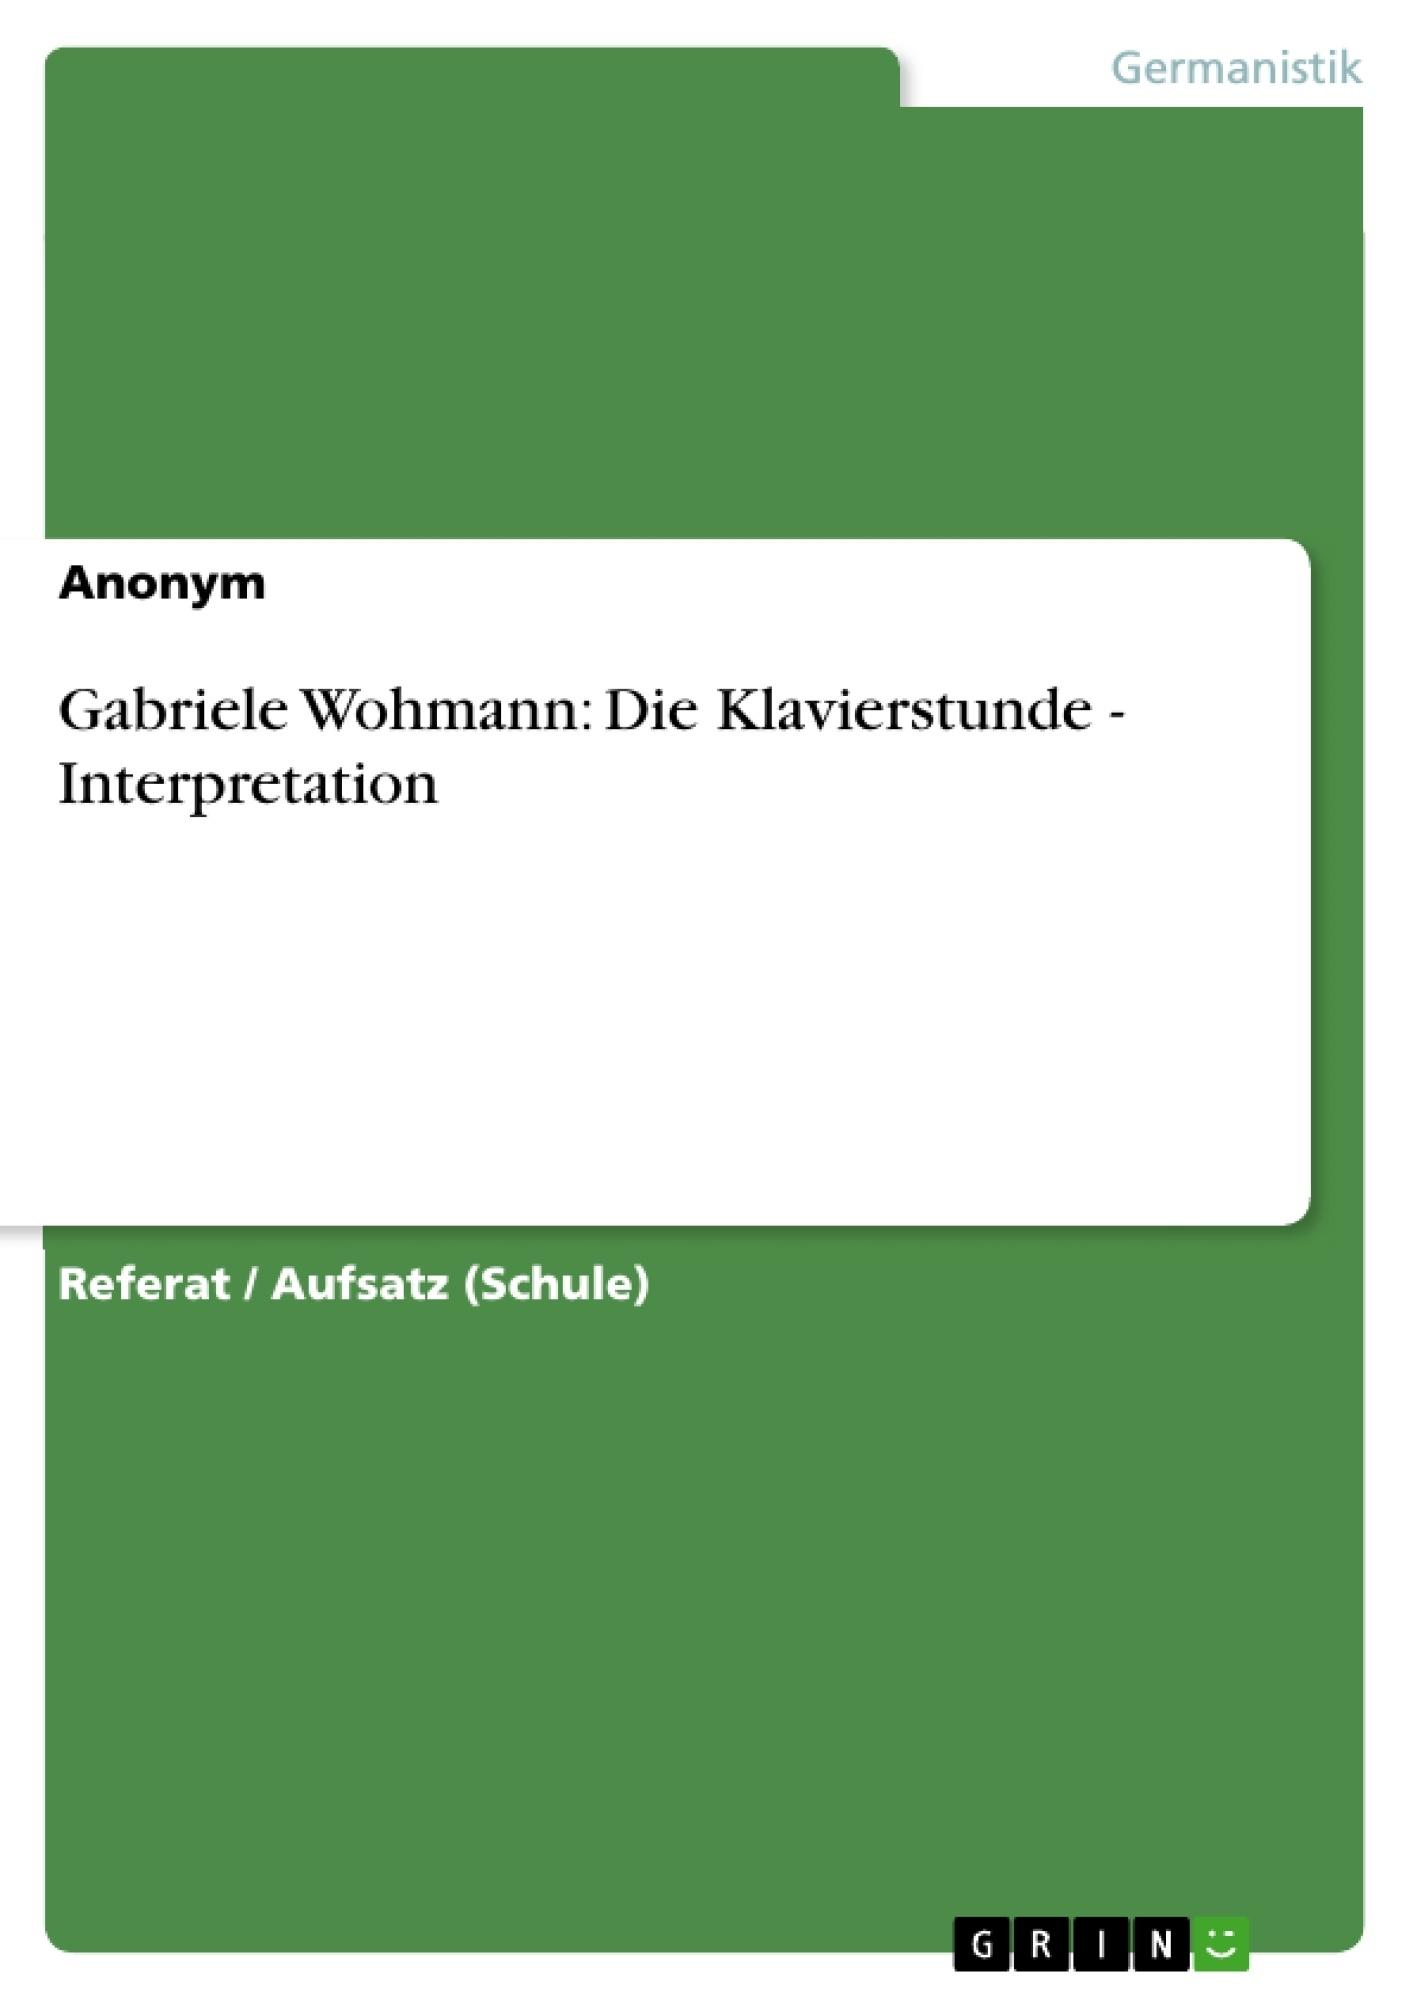 Gabriele Wohmann: Die Klavierstunde - Interpretation | Masterarbeit ...